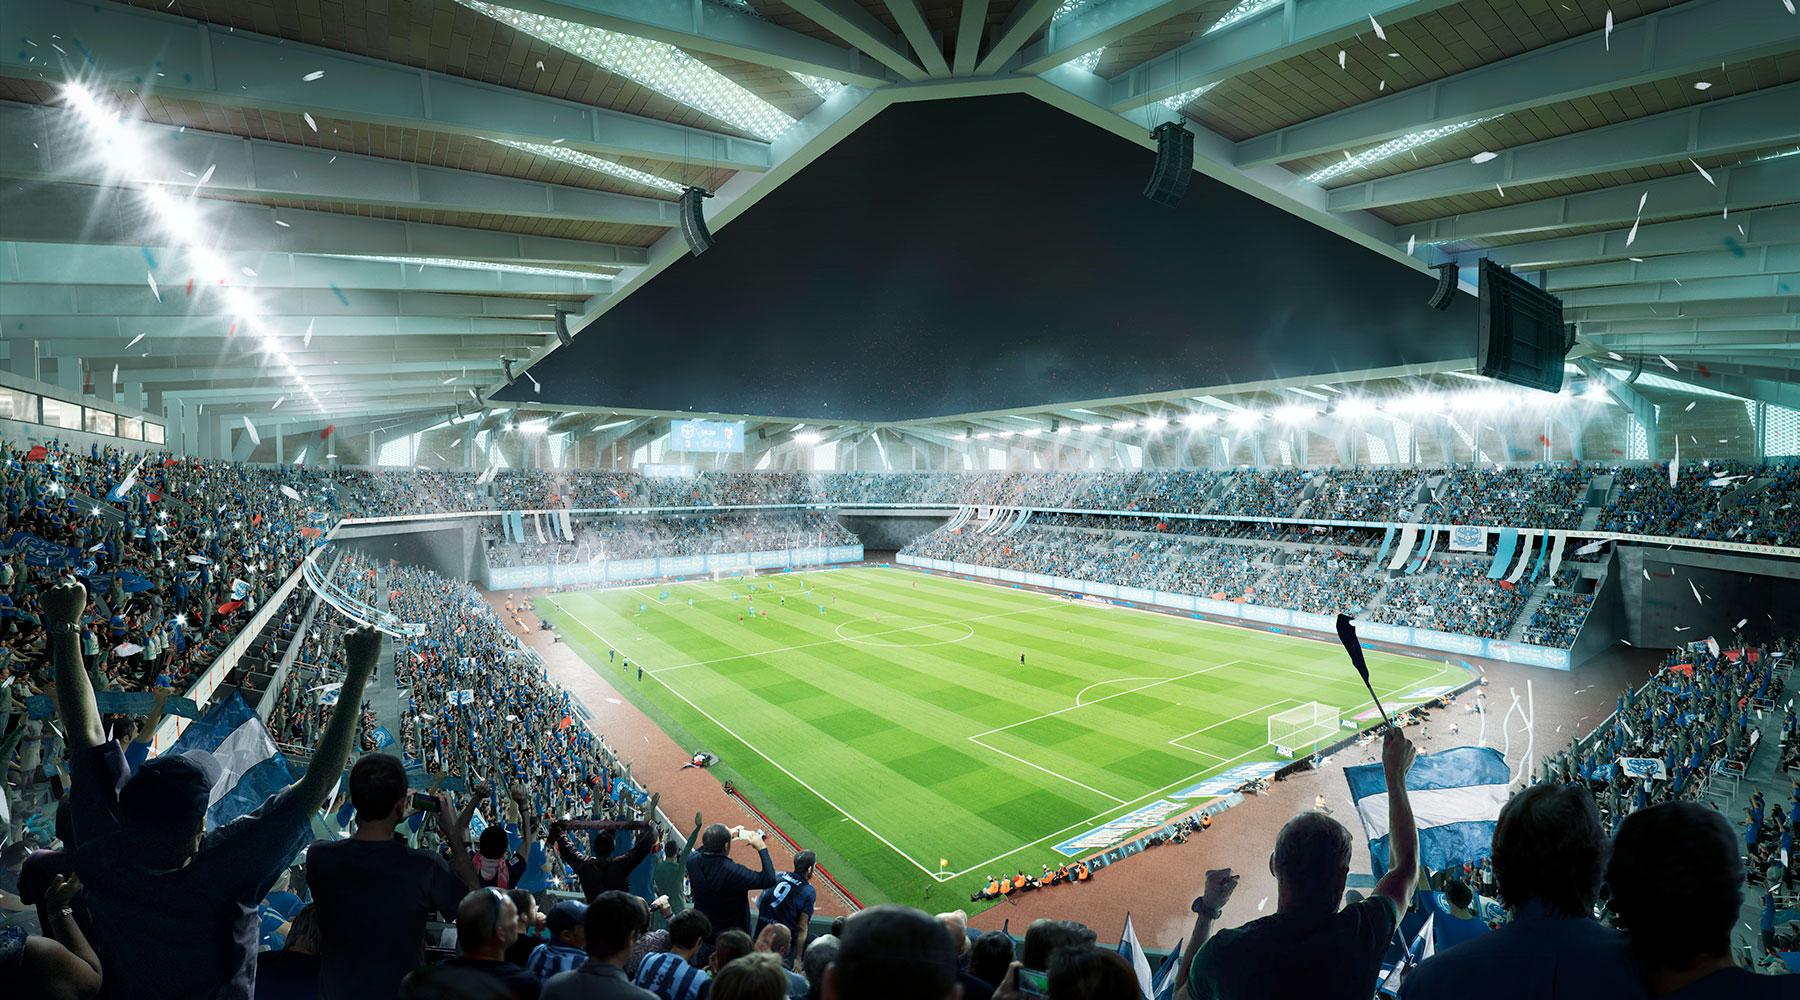 3D Architecture Stadium interior bowl rendering Image